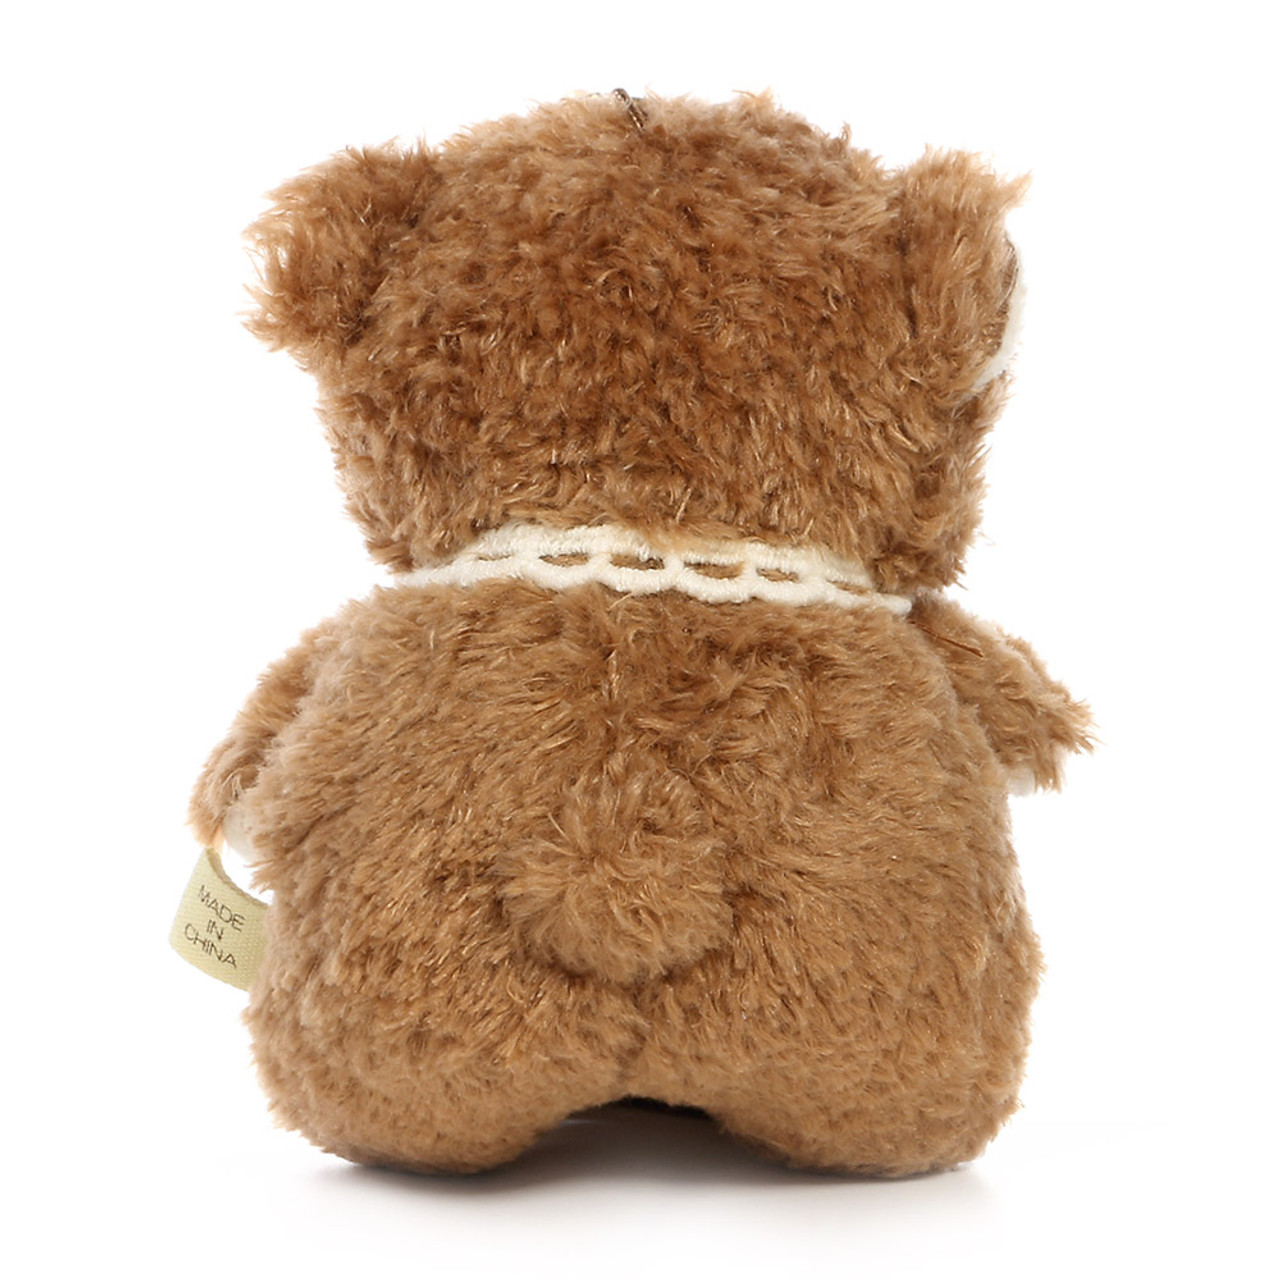 Naito Design Tot Series Bear Doll Charms - Kumumu ( Back View )